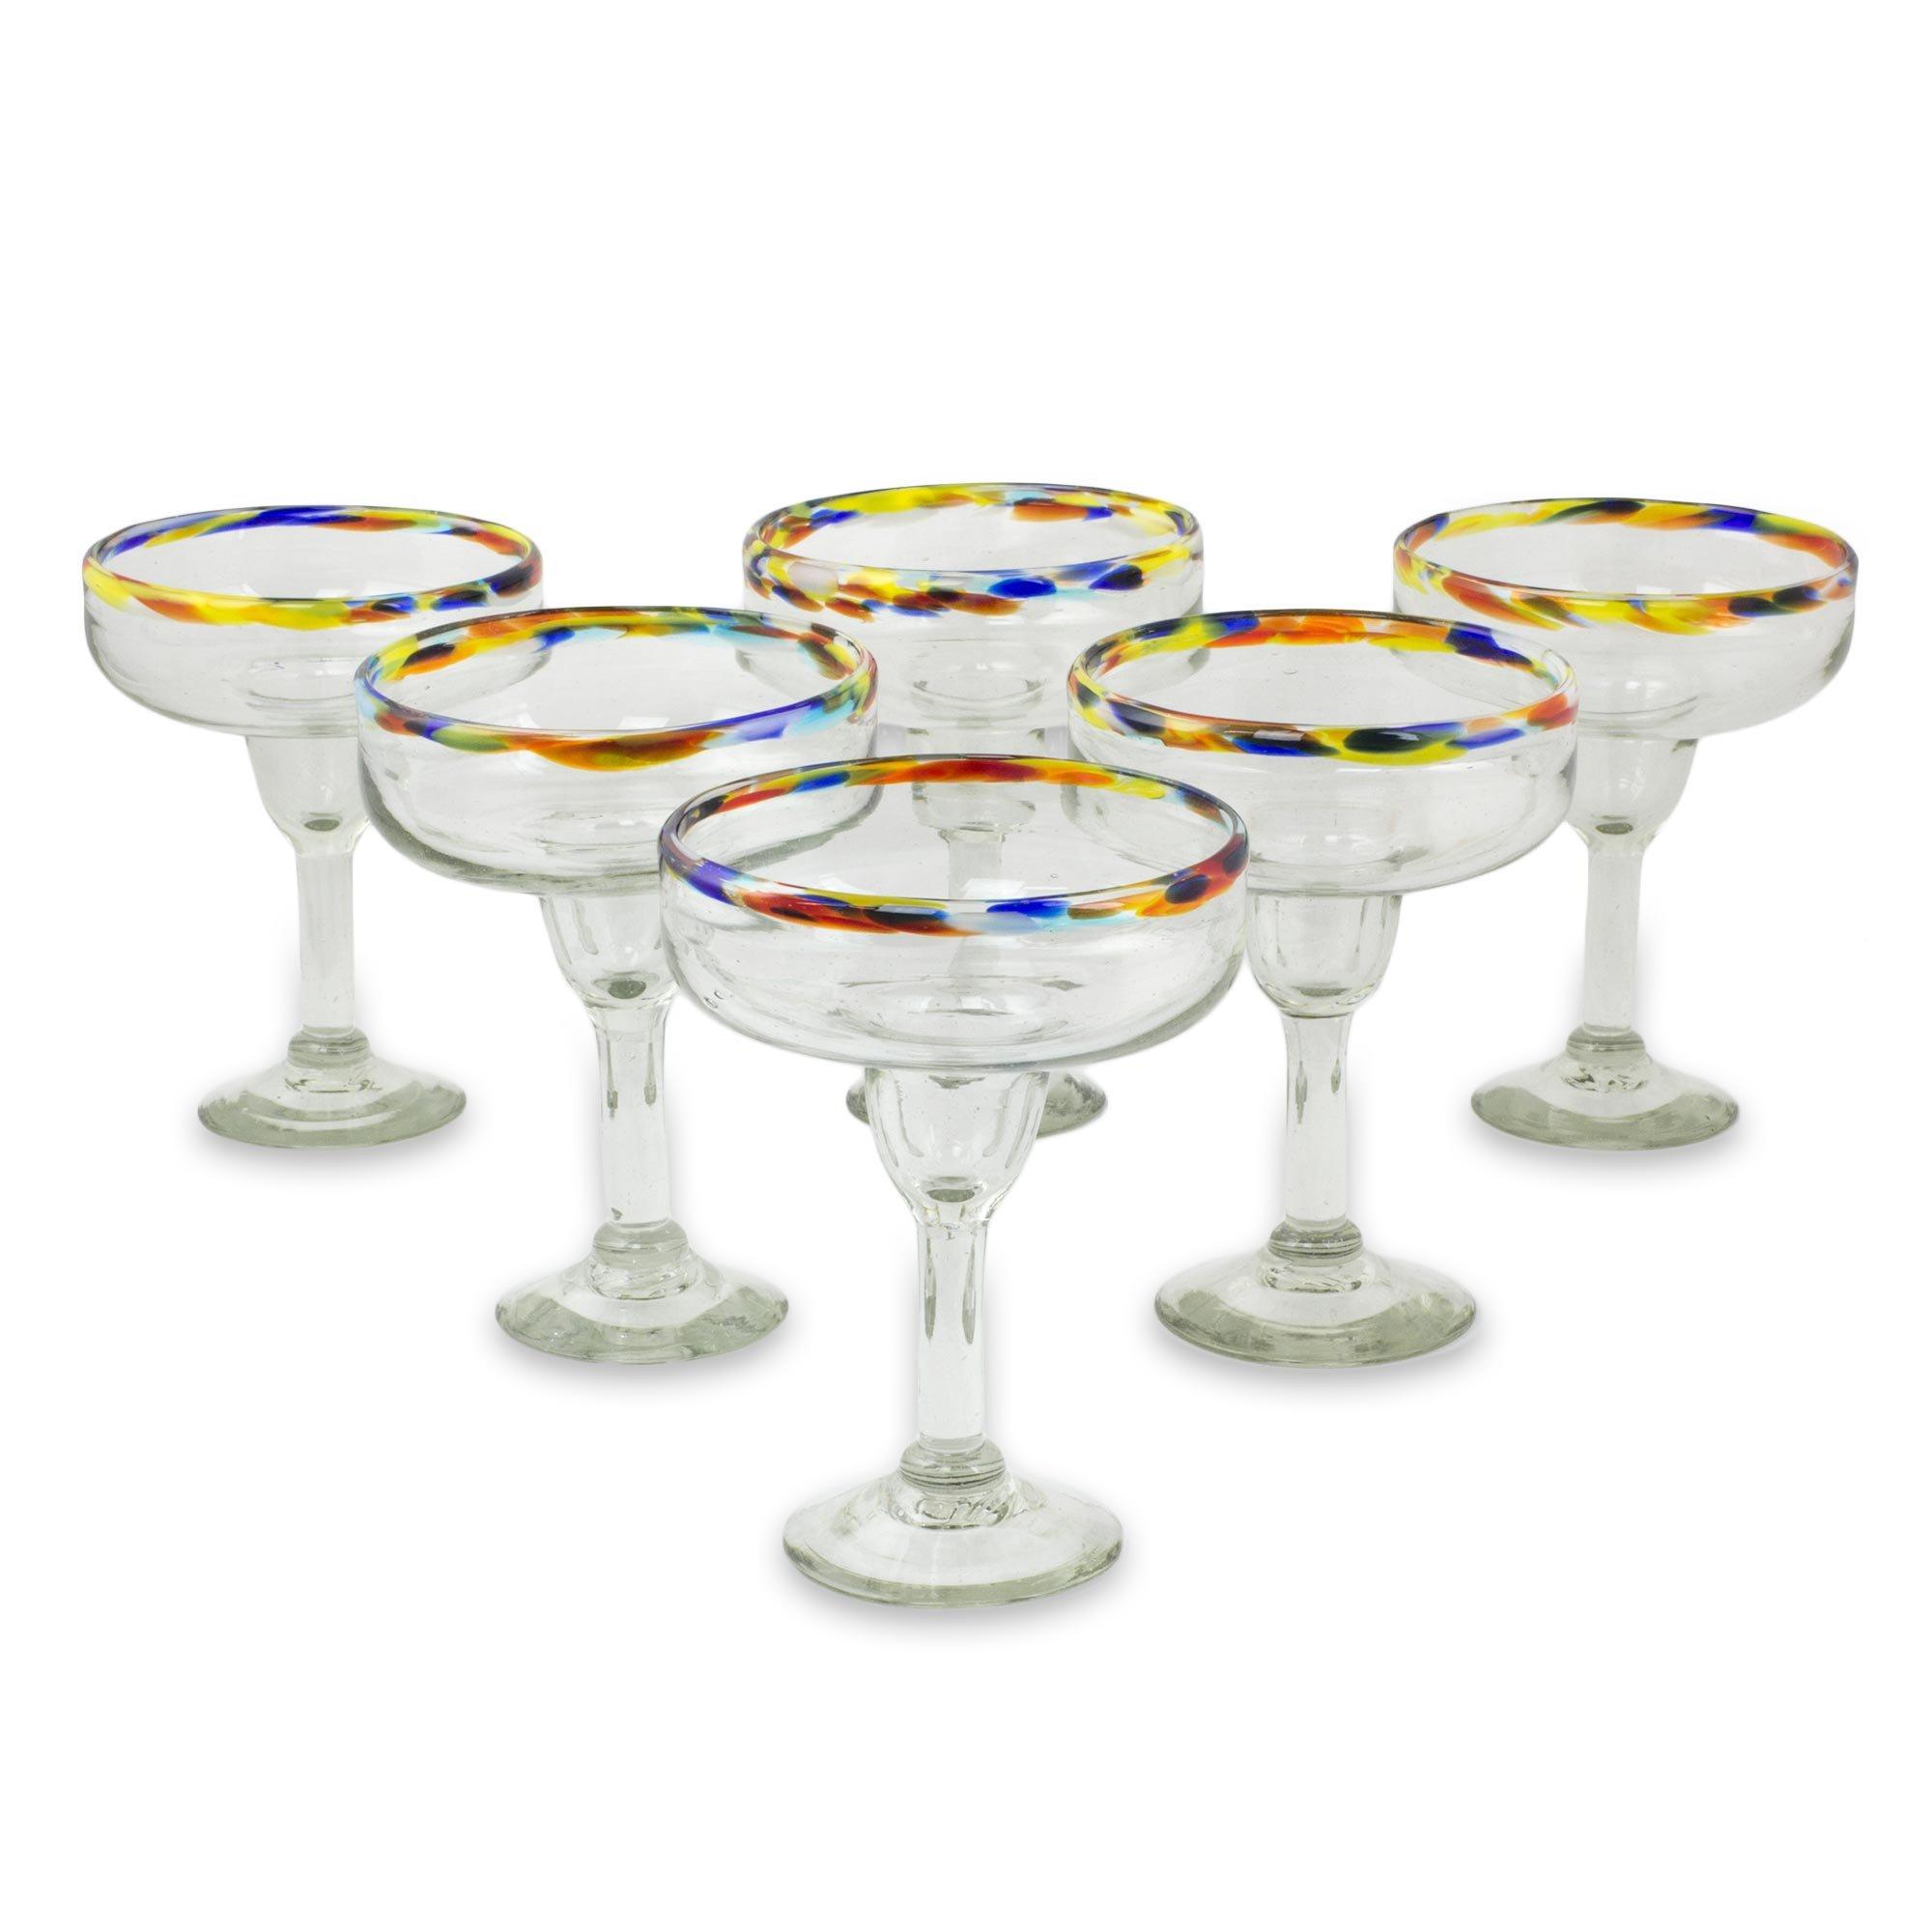 NOVICA 251969 'Confetti Kiss' Margarita Glass, 7'' Tall, Clear Multicolor by NOVICA